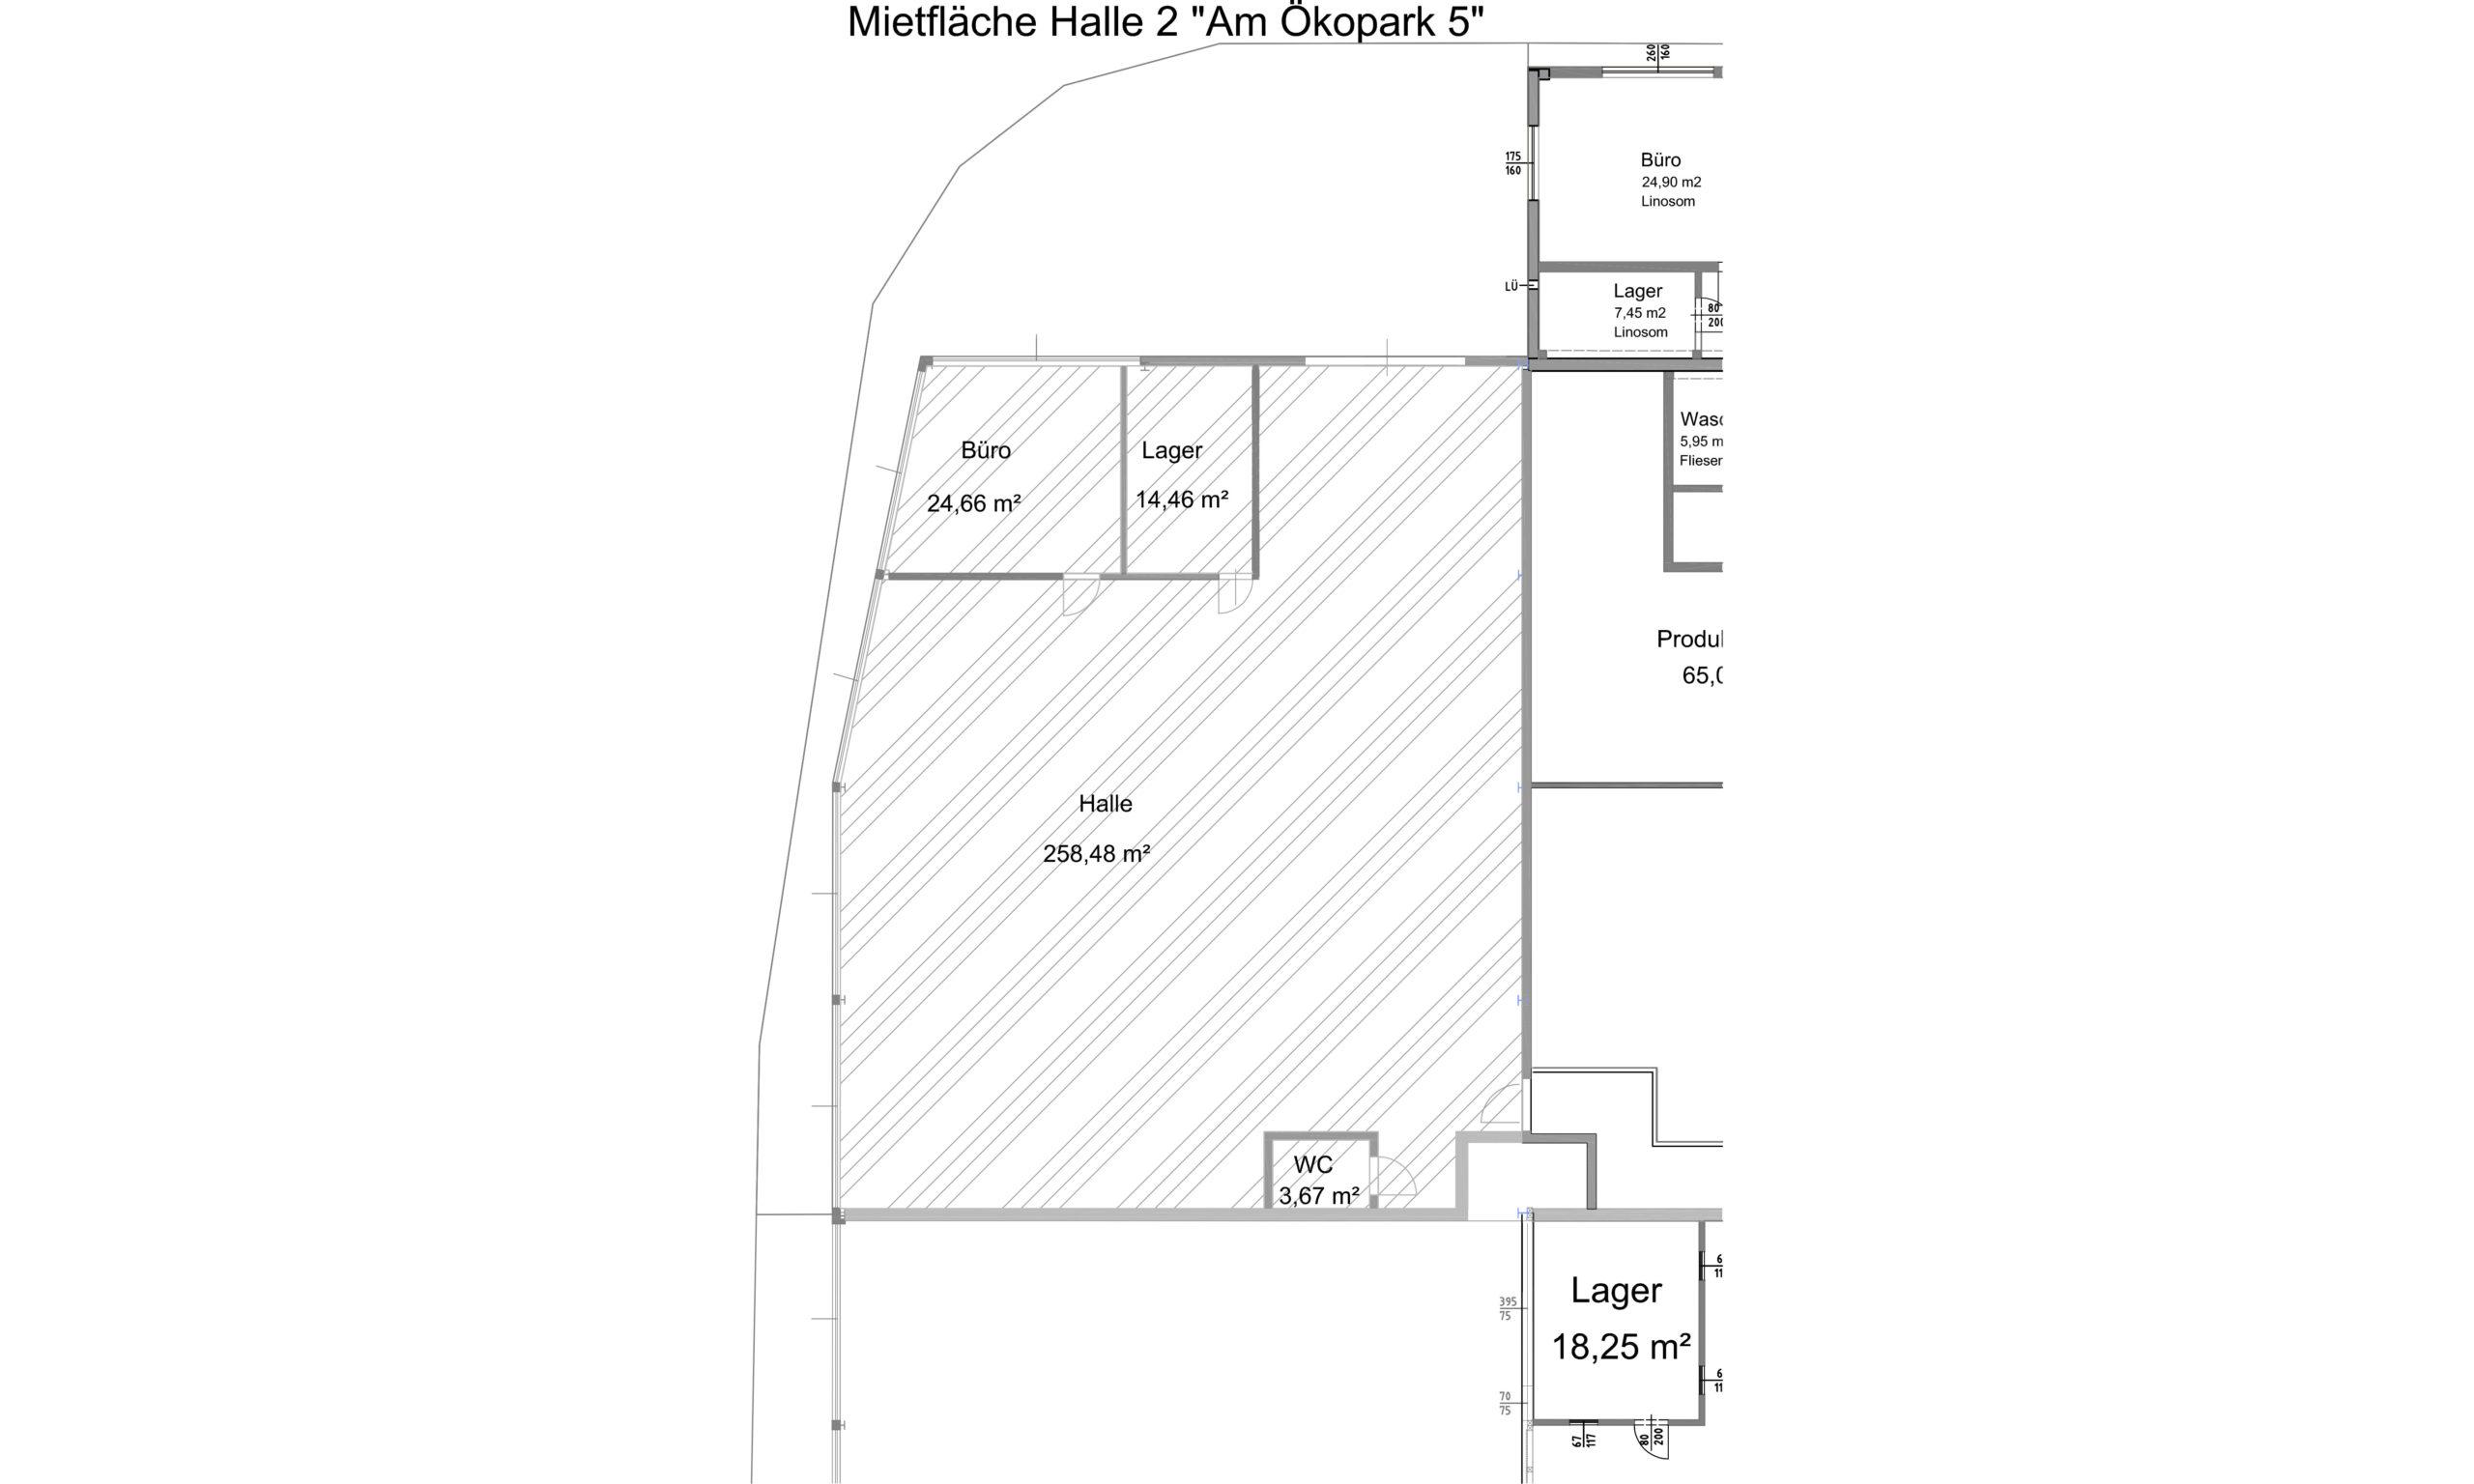 Plan der Halle rechts hinten am Ökopark 5